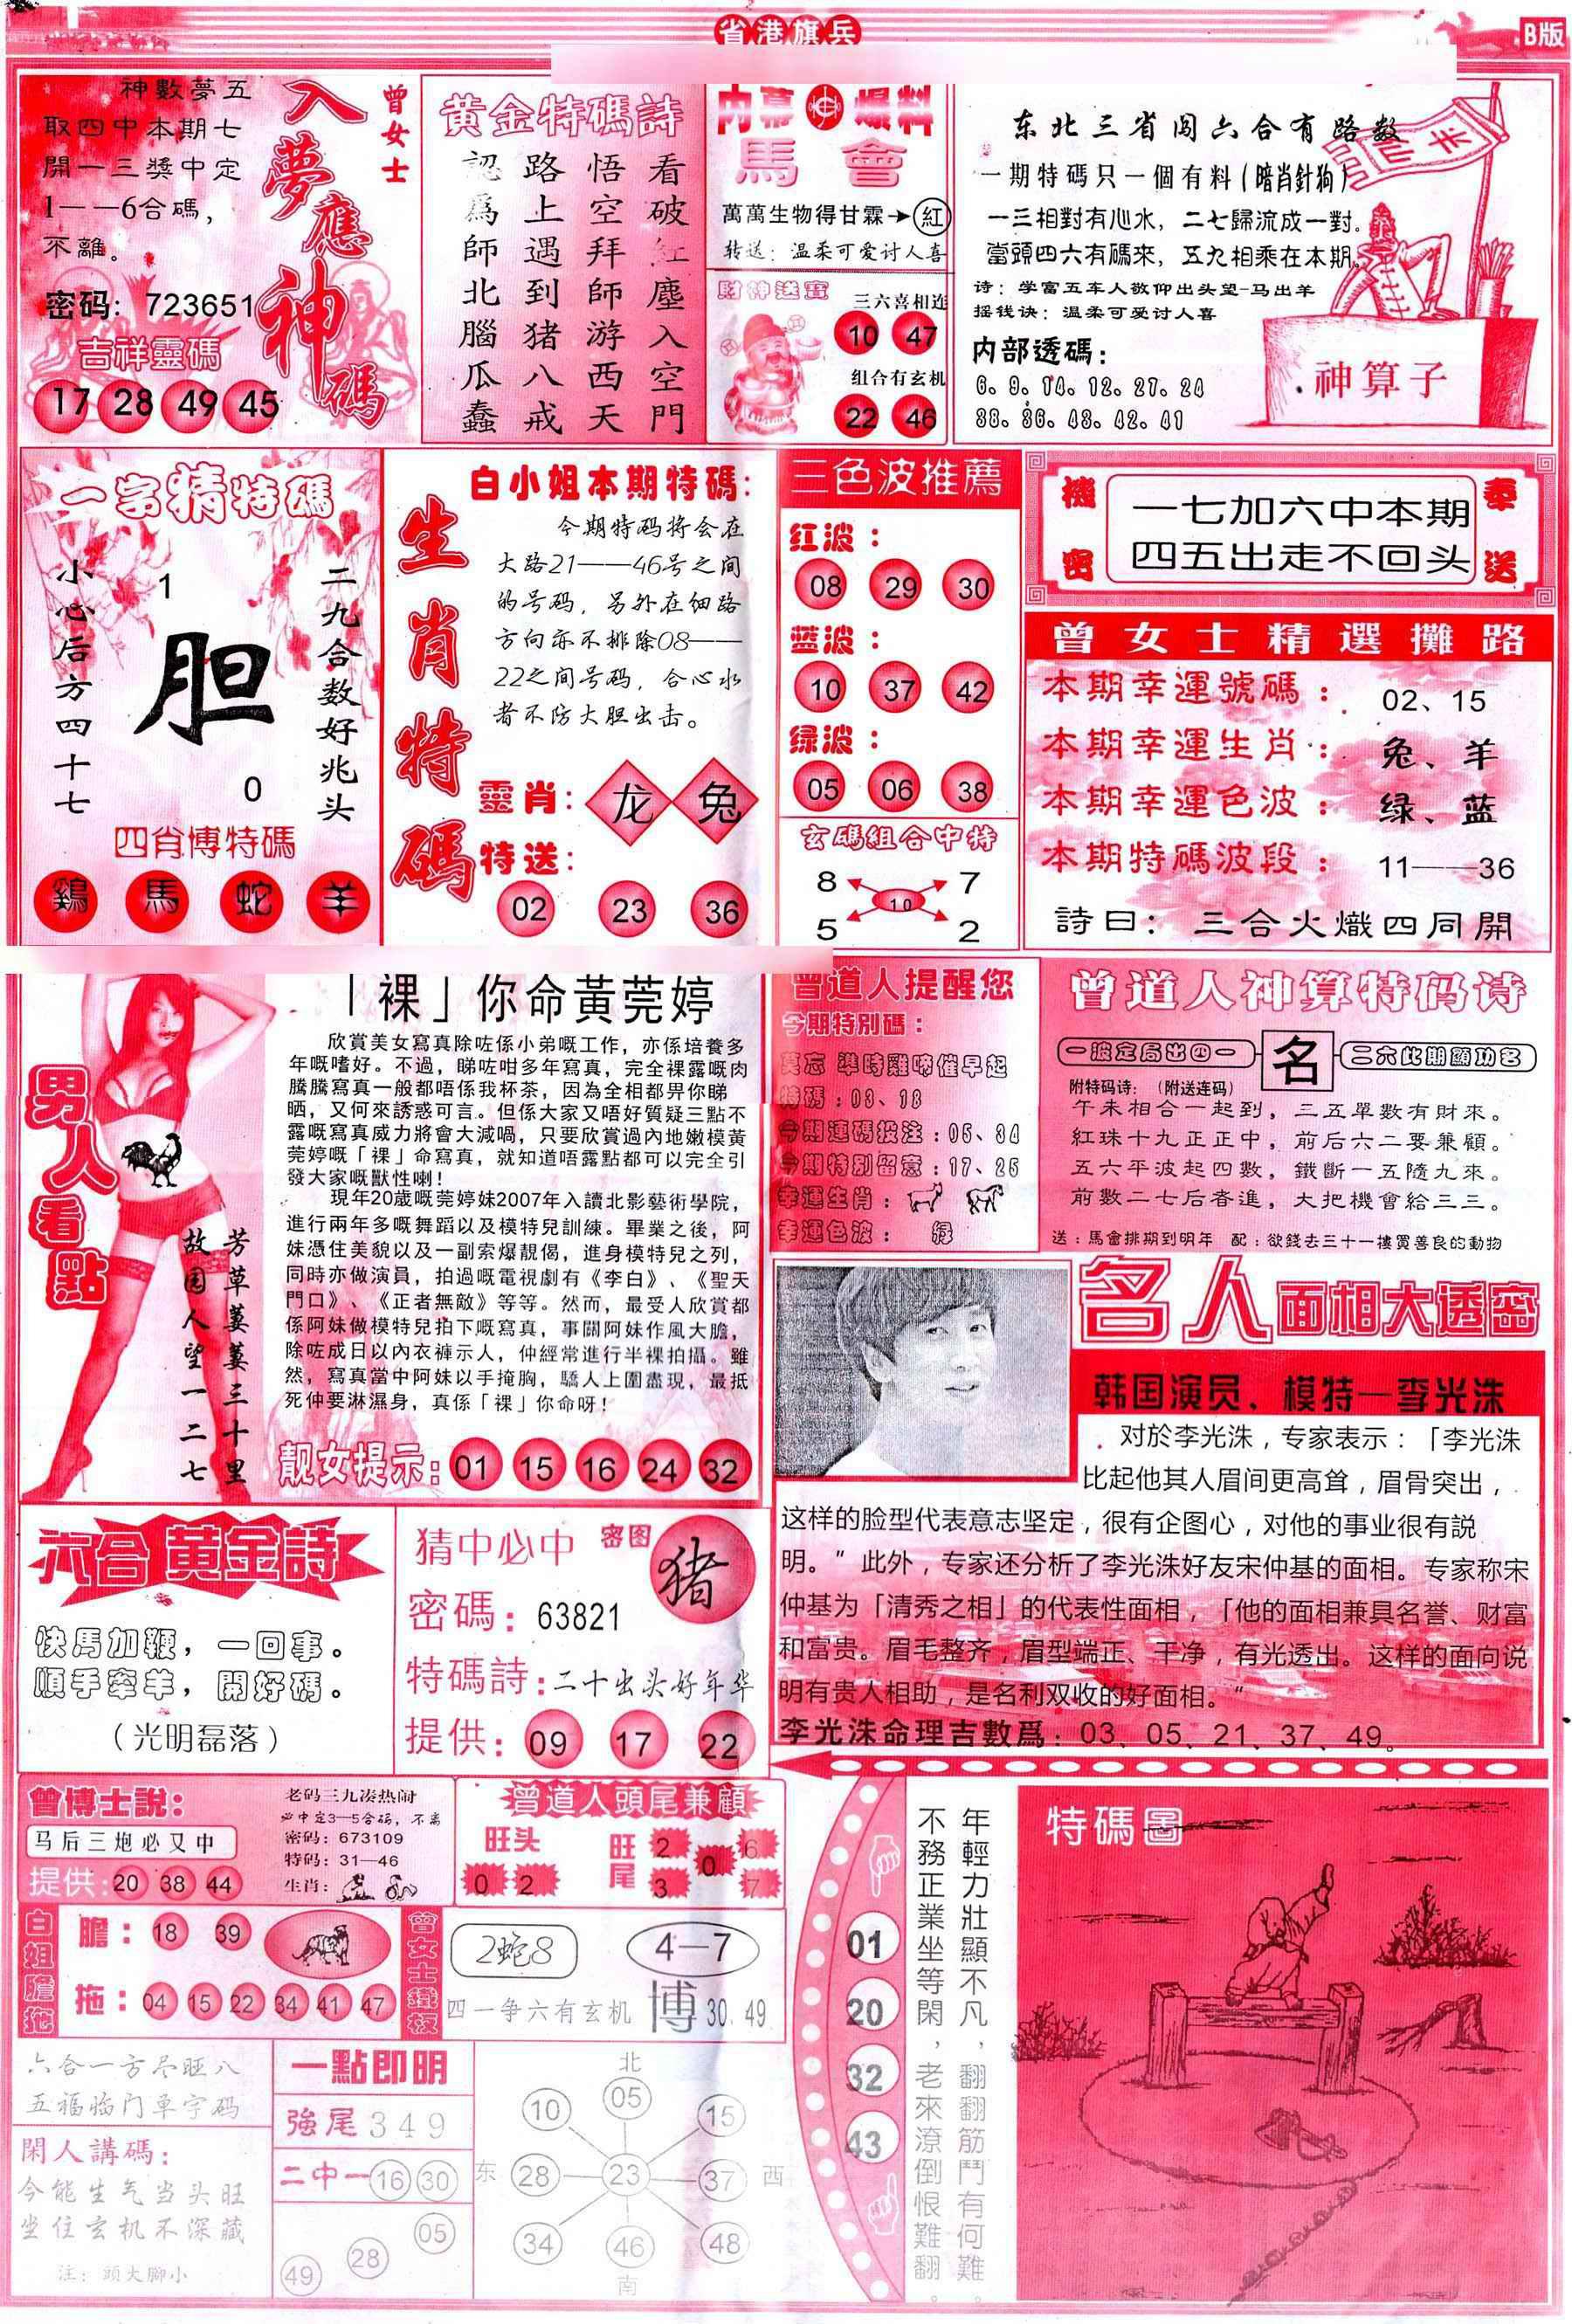 070期彩道B(保证香港版)